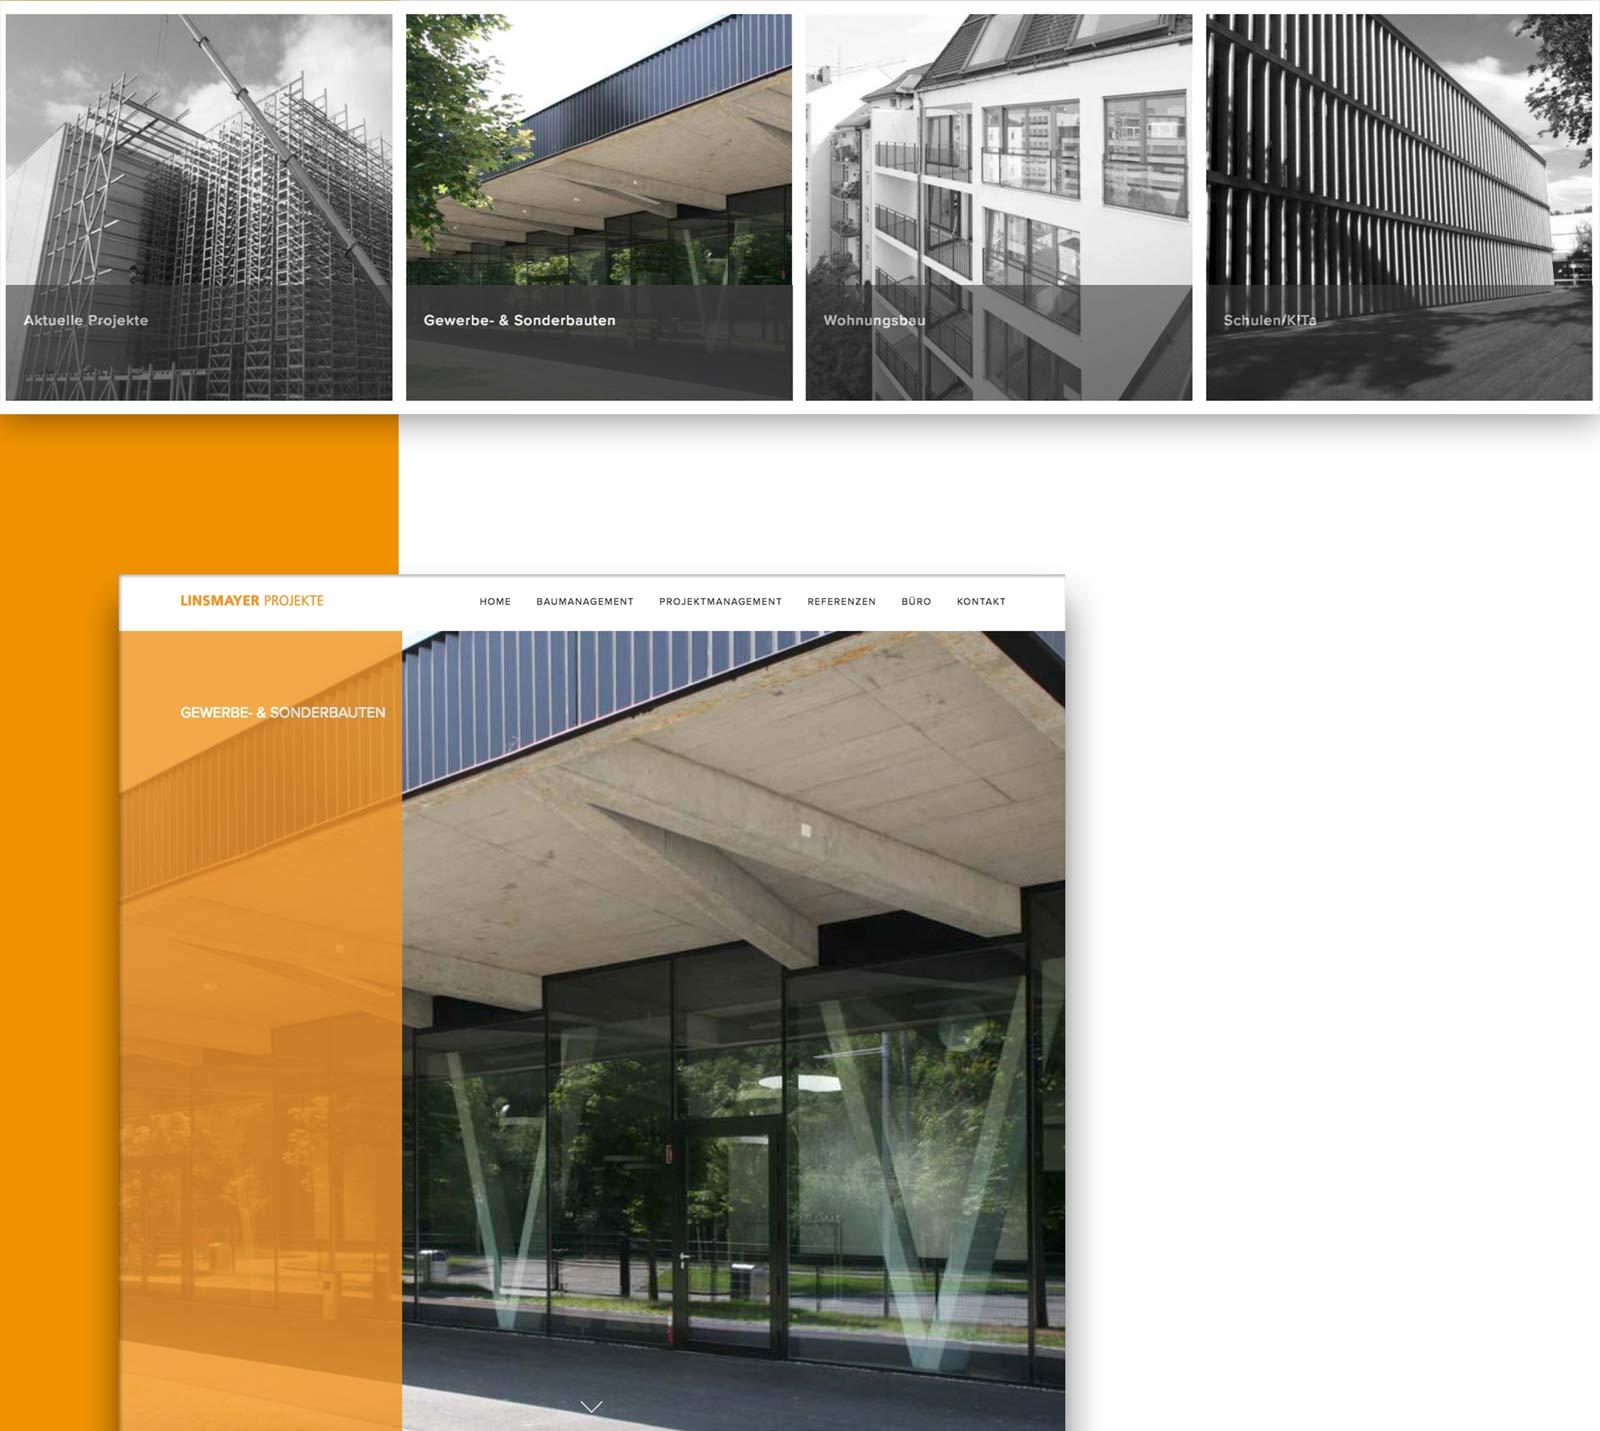 Linsmayer_Responsive_Webdesign_04.jpg